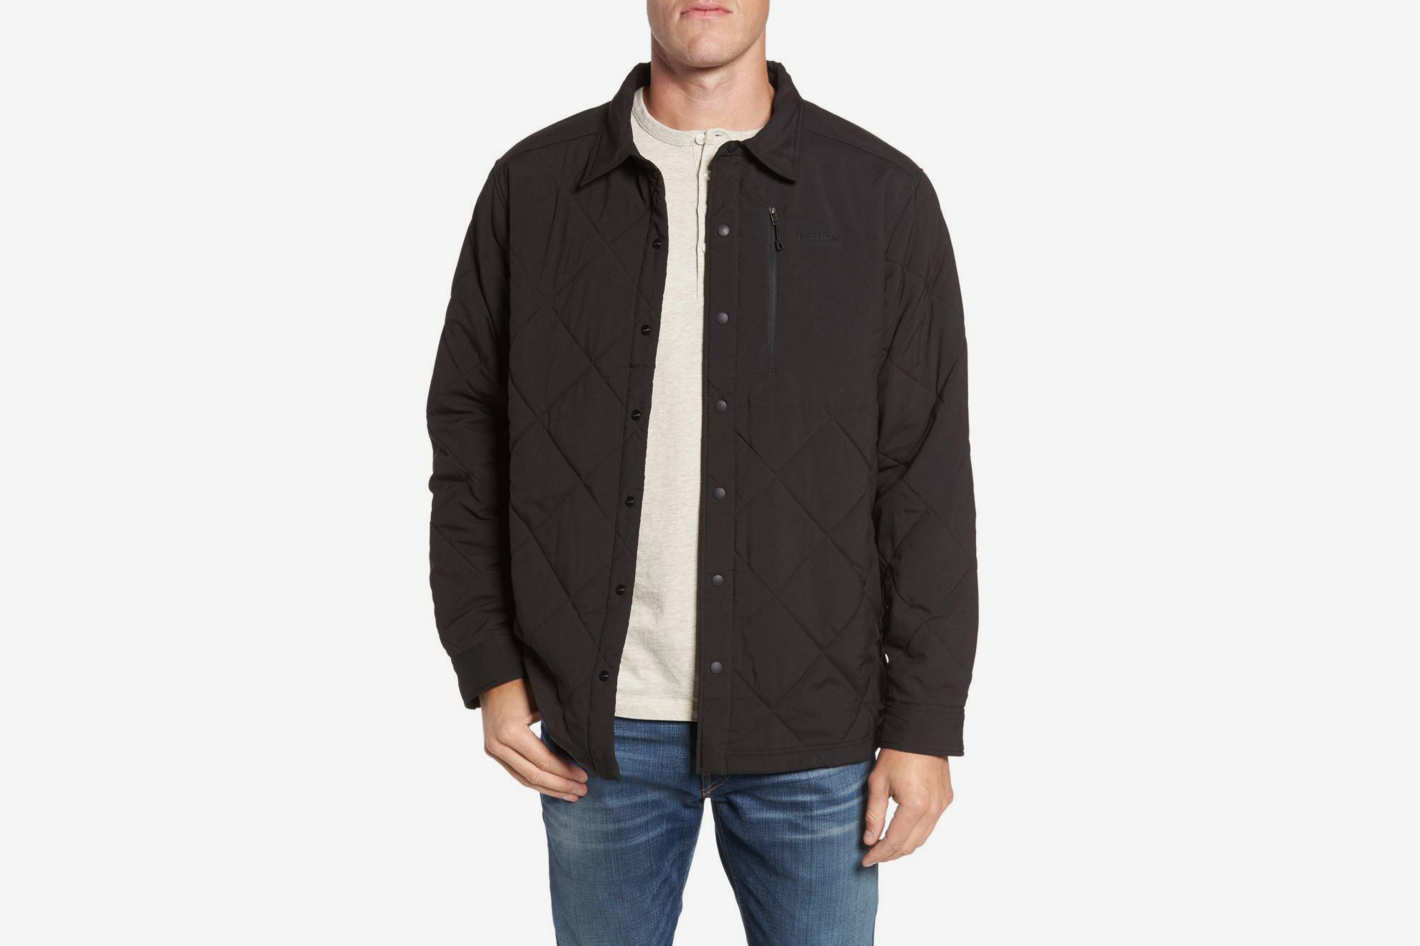 Patagonia Tough Puff Shirt Jacket